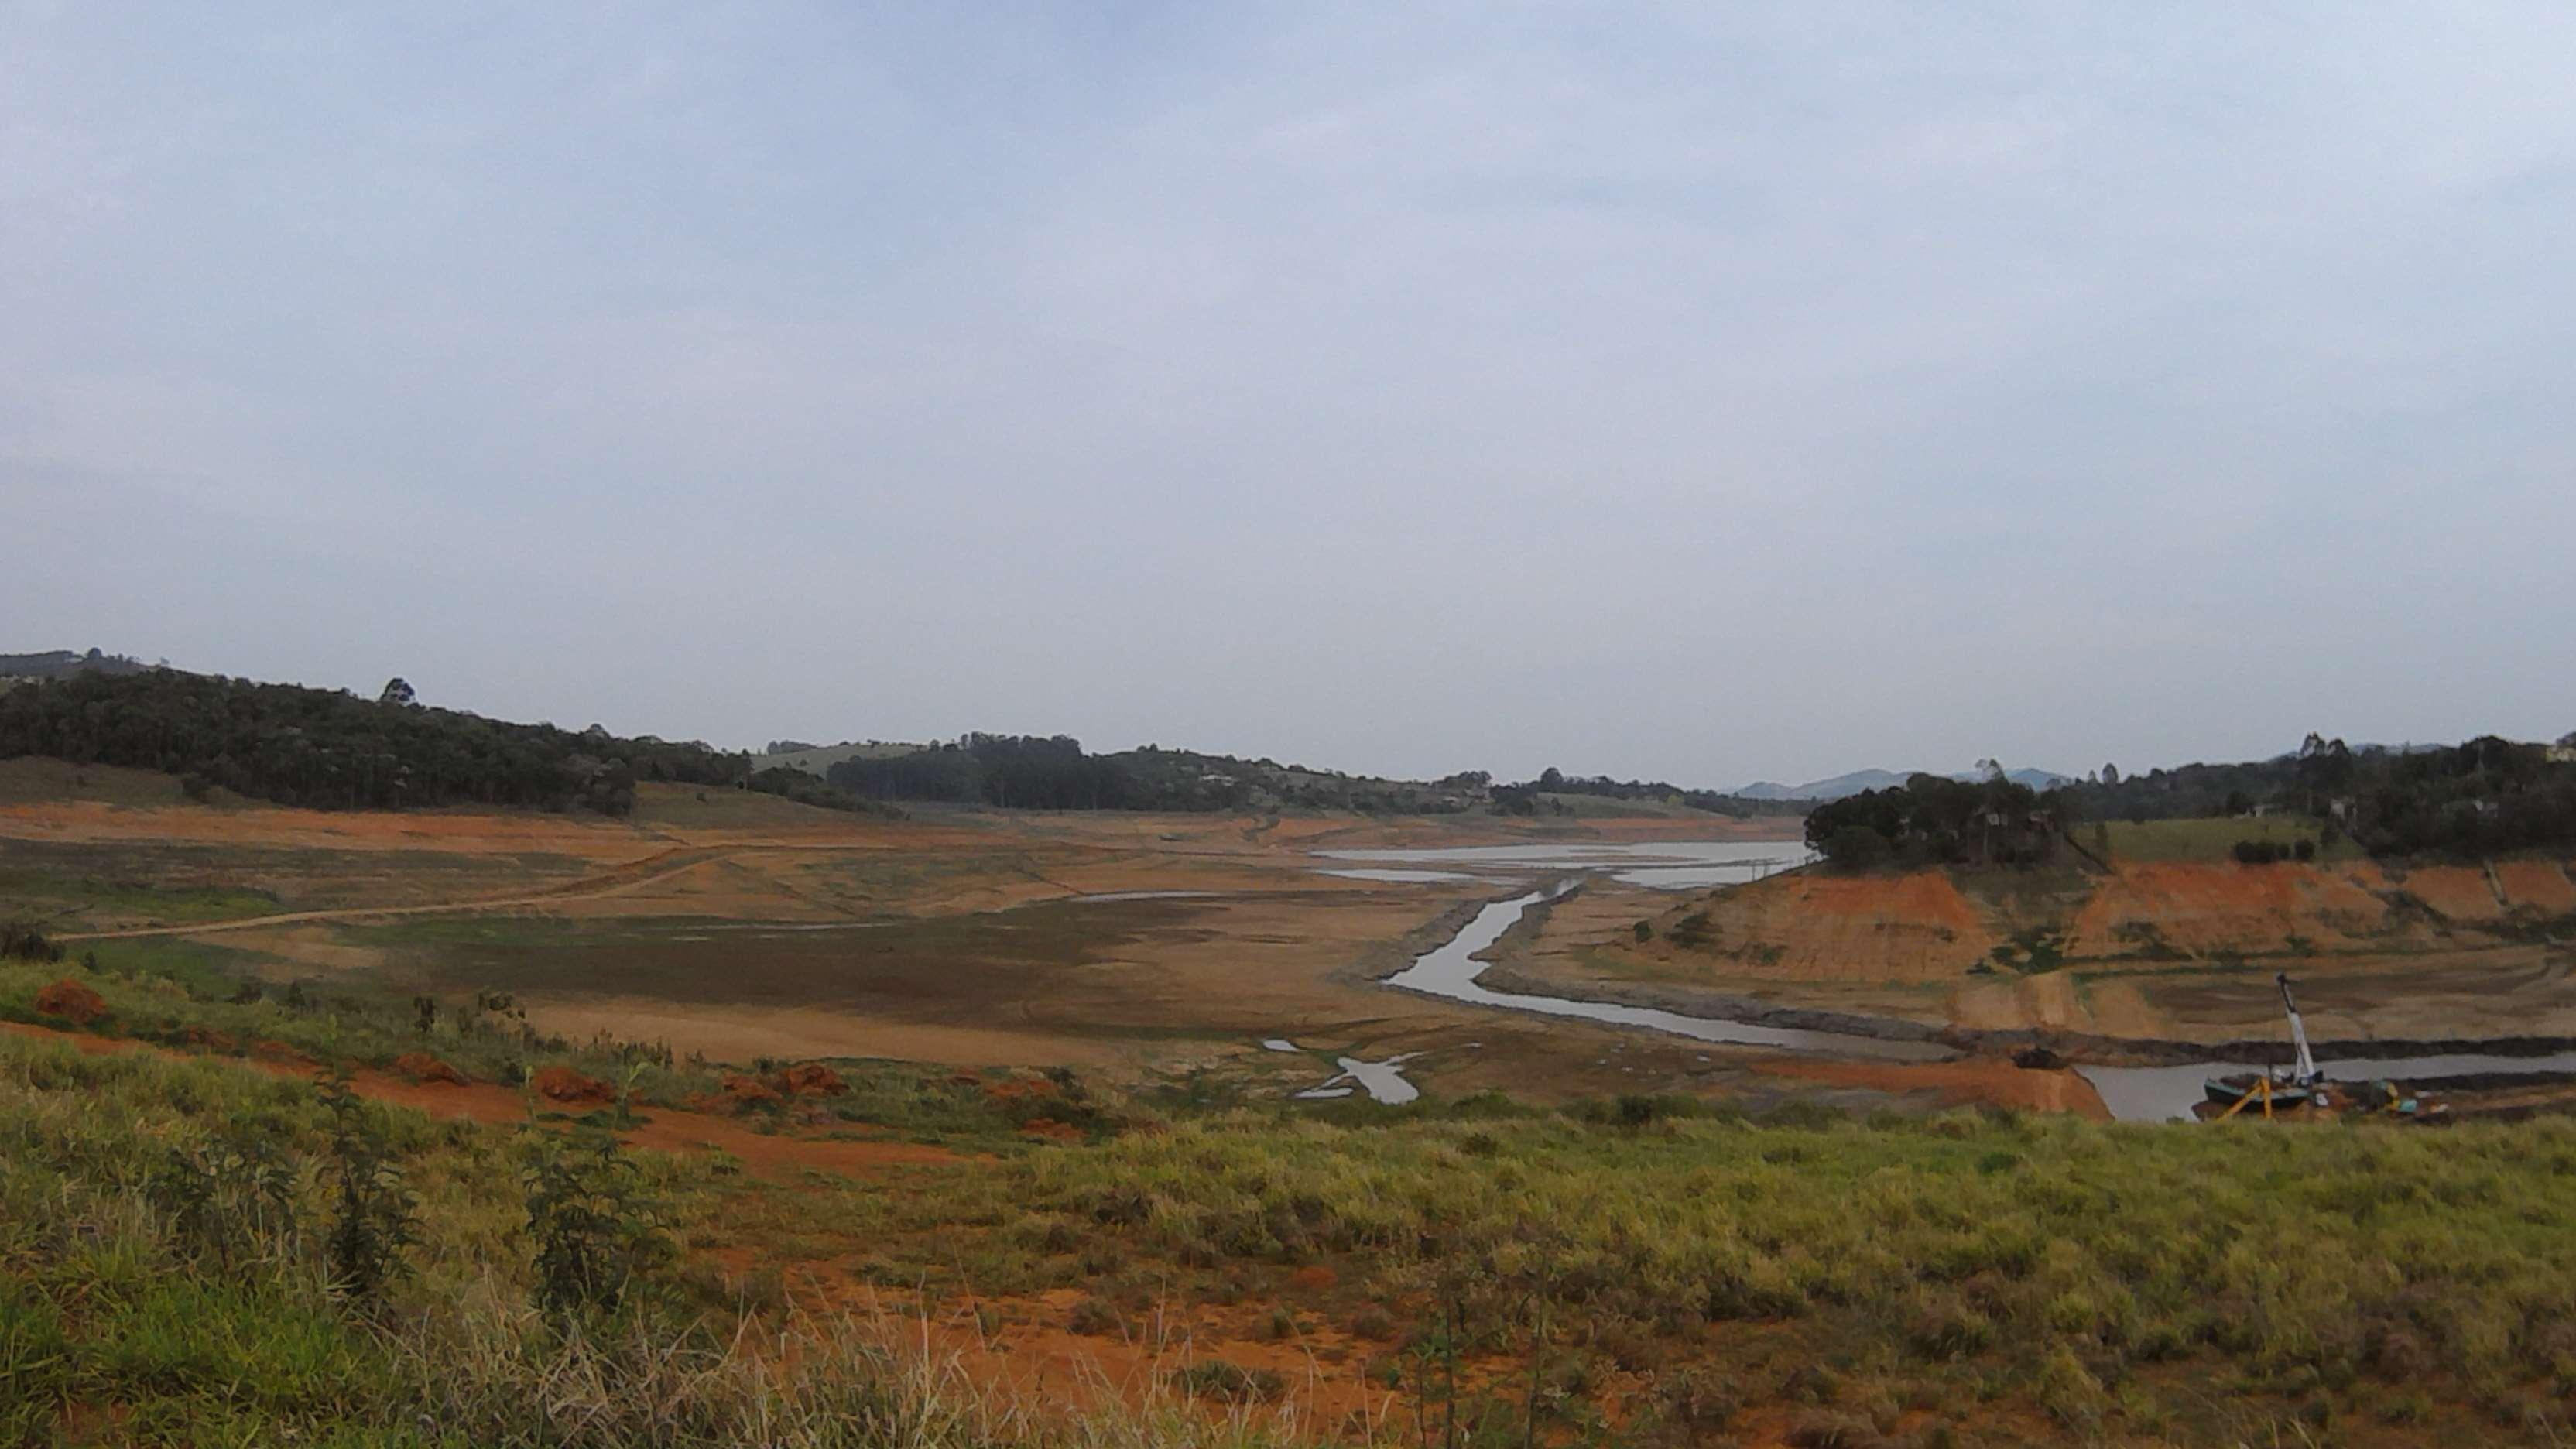 Não é mais possível praticar esportes náuticos em diversos pontos da represa Jacareí/Jaguari Foto: Thiago Tufano/Terra